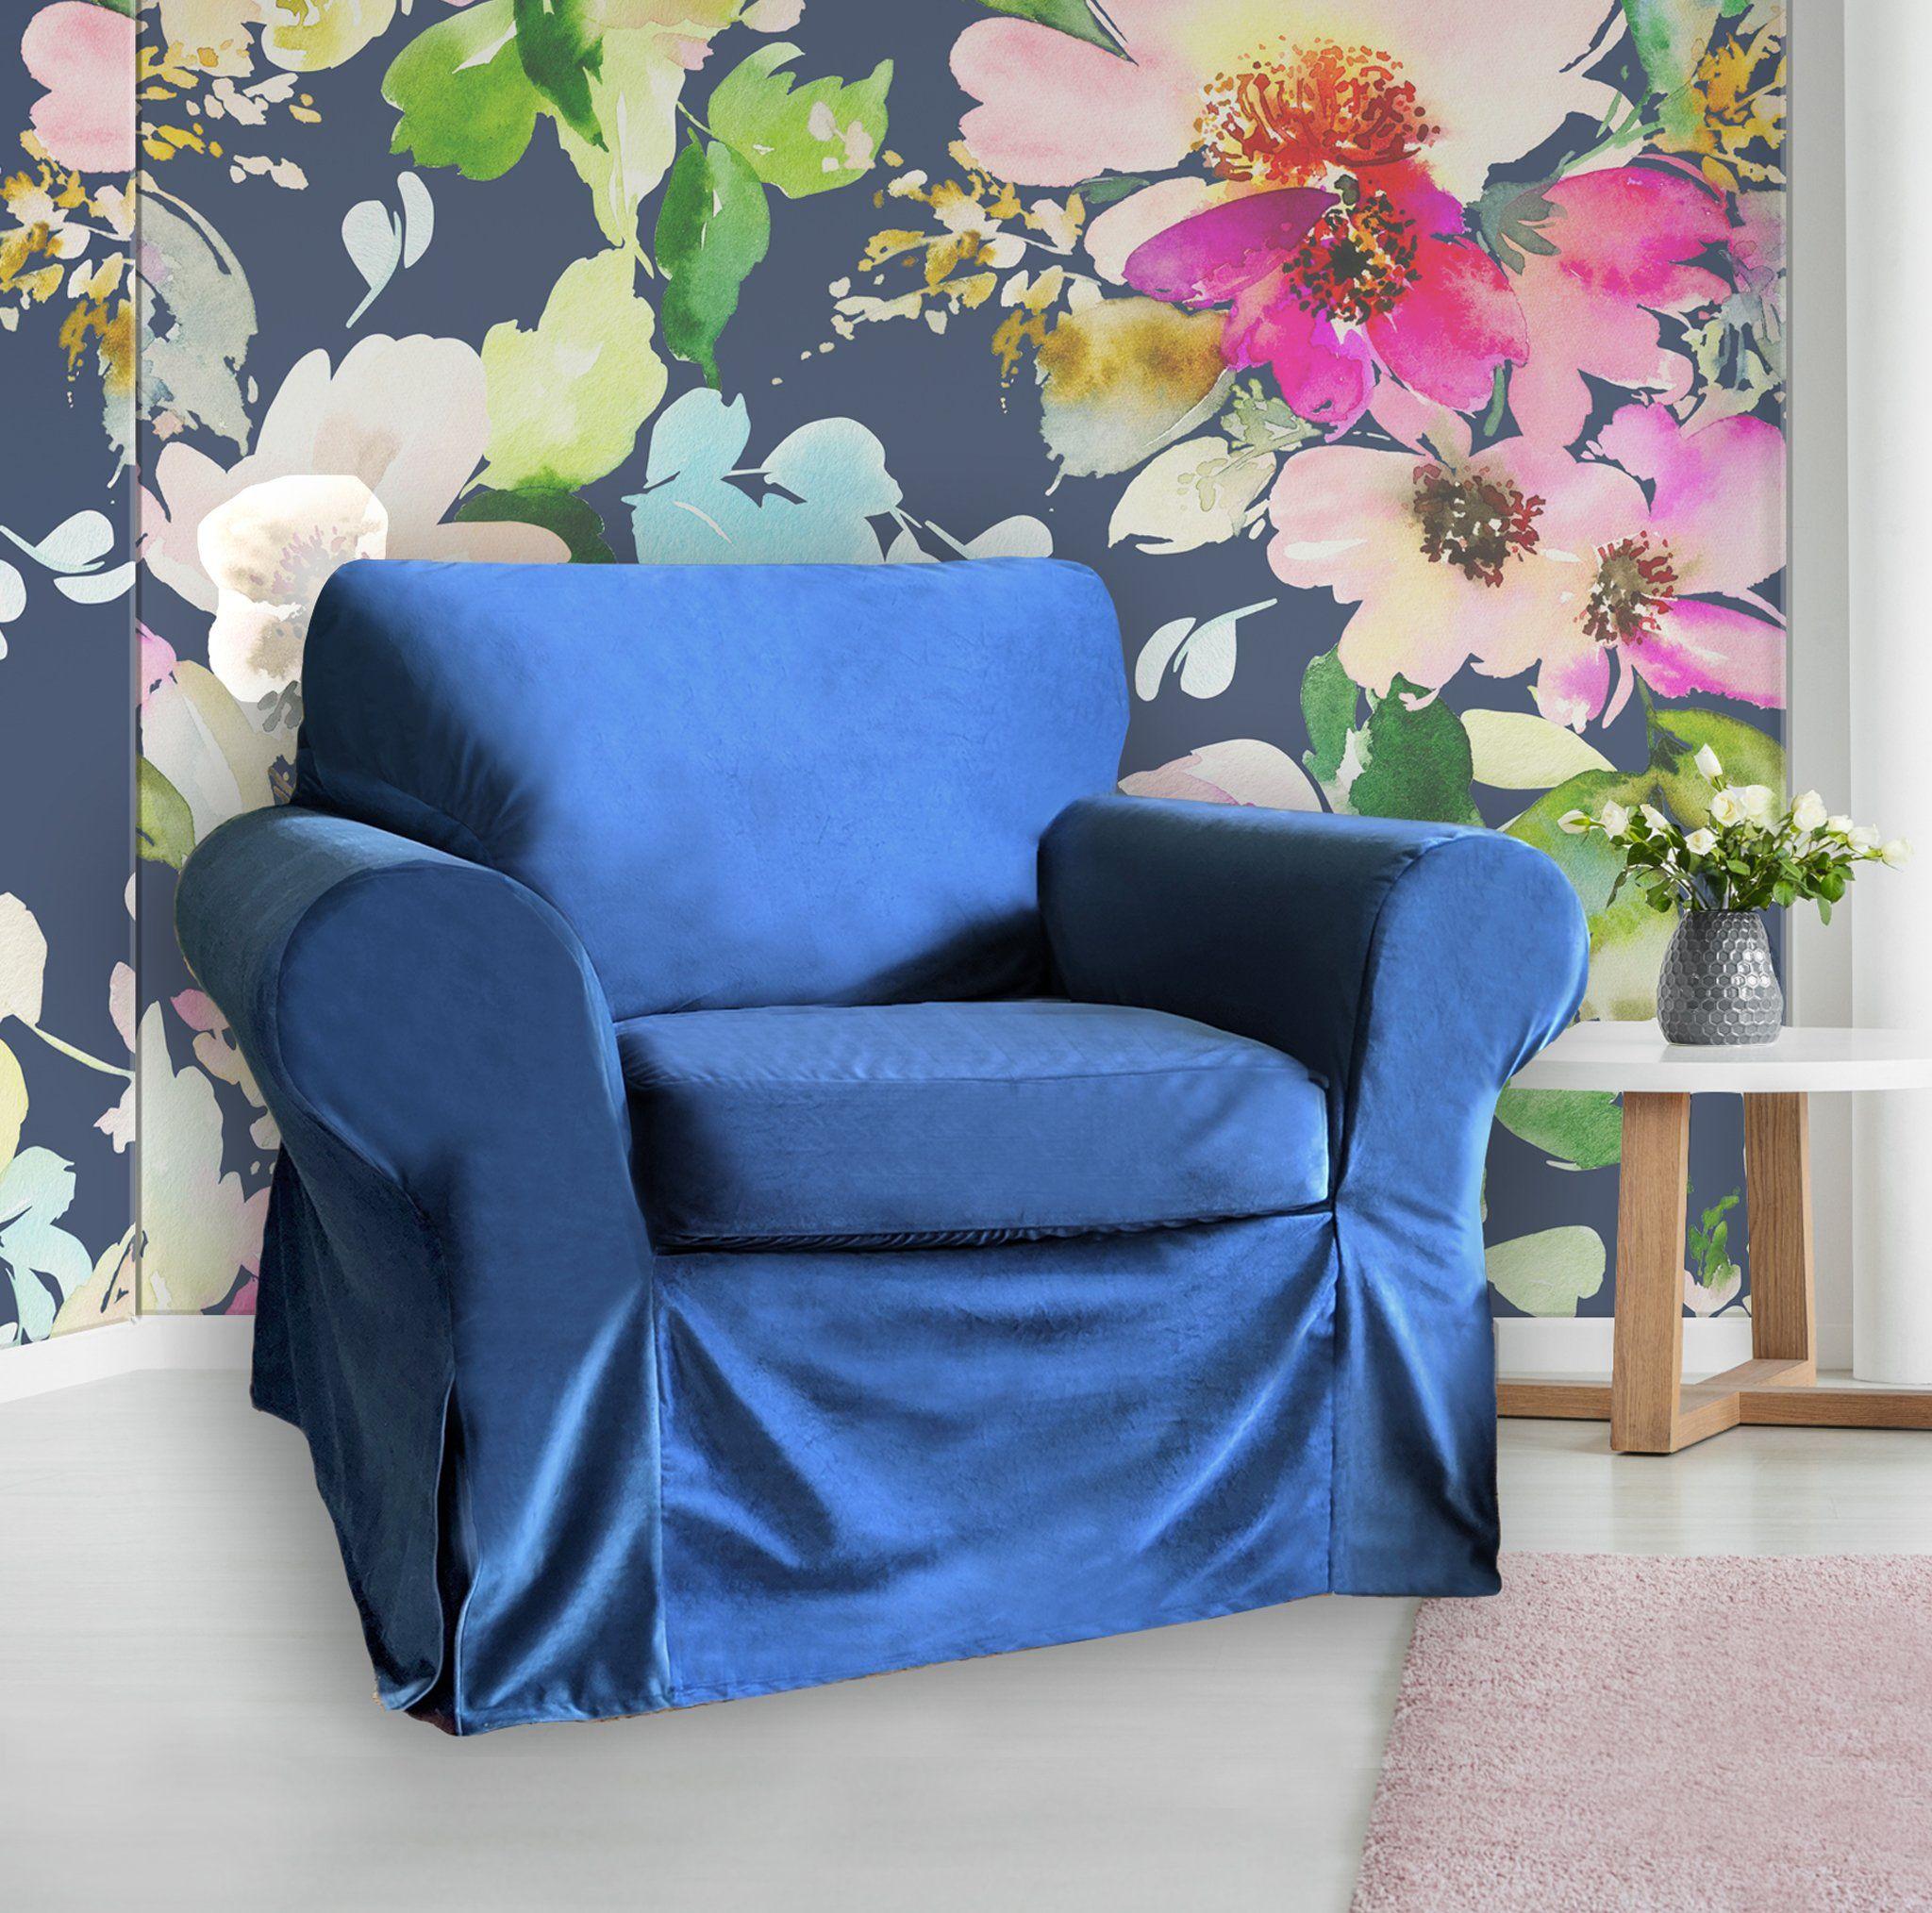 IKEA Ektorp Sofa Slipcover, Velvet Navy Blue in 2020